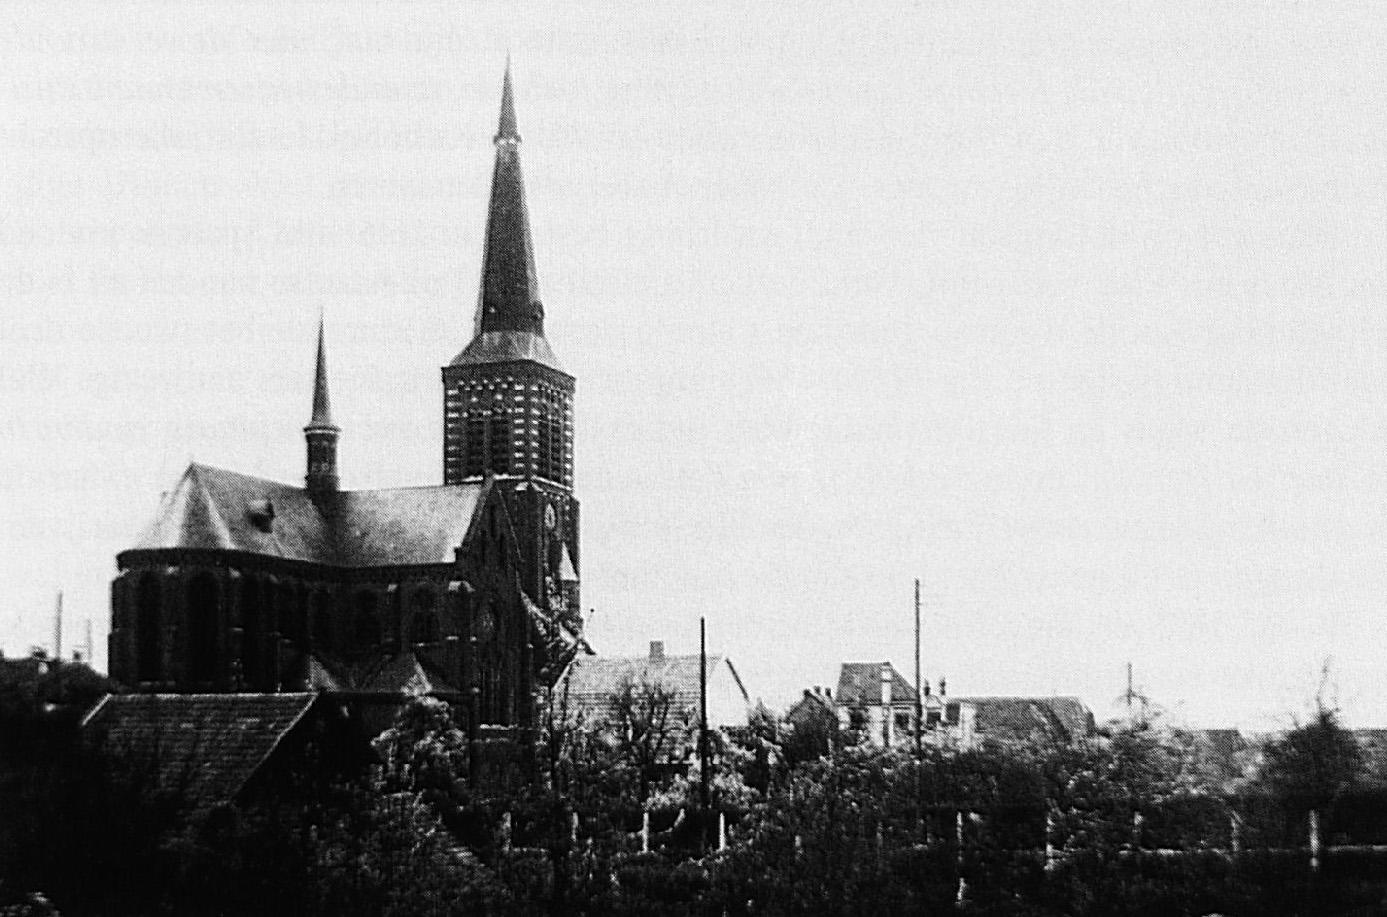 Ruim twee eeuwen later verrees deze kerk op de plaats waar in 1660 een boerderij gestaan moet hebben die grensde aan de landerijen van de oude kloosterboerderij De Hollenhof.